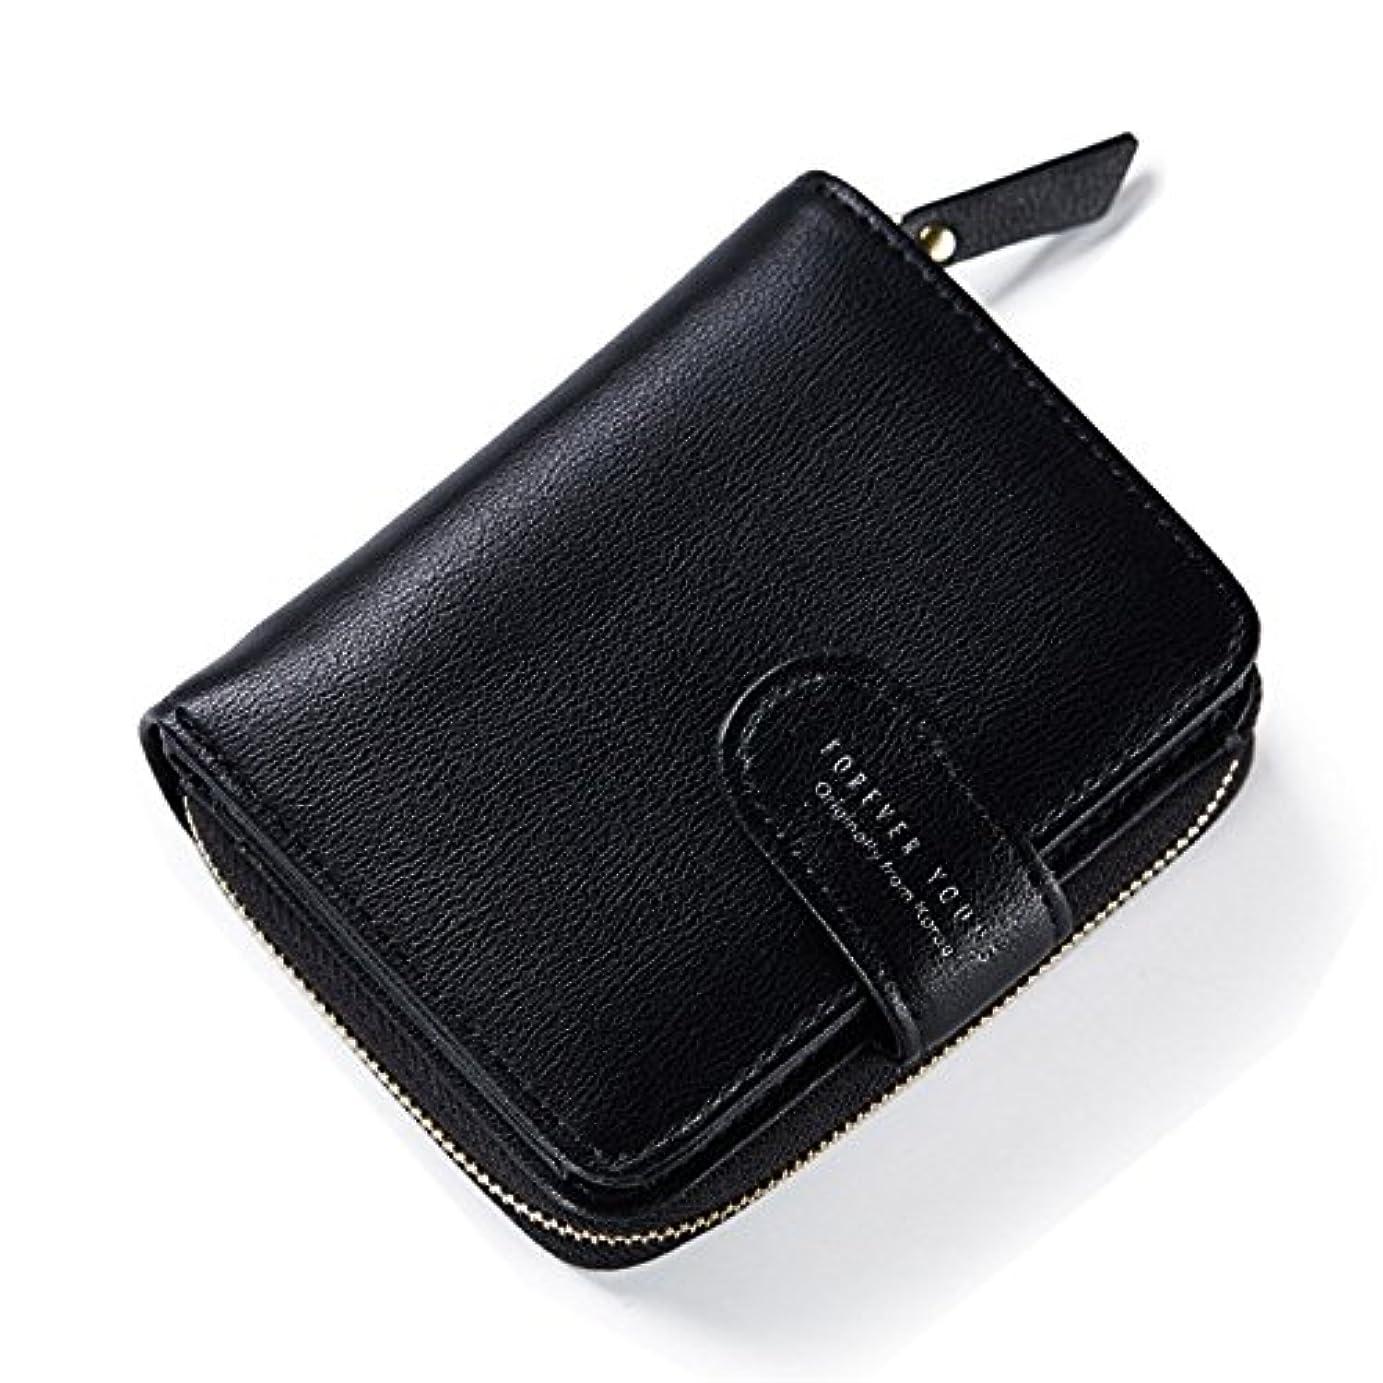 お世話になったどっちでもスケジュール【シャンゼリゼ】選べる4色 レディース財布 二つ折り 小銭出し入れやすい コンパクト 上質素材 ミニウォレット マッドな色合い 手の平サイズ